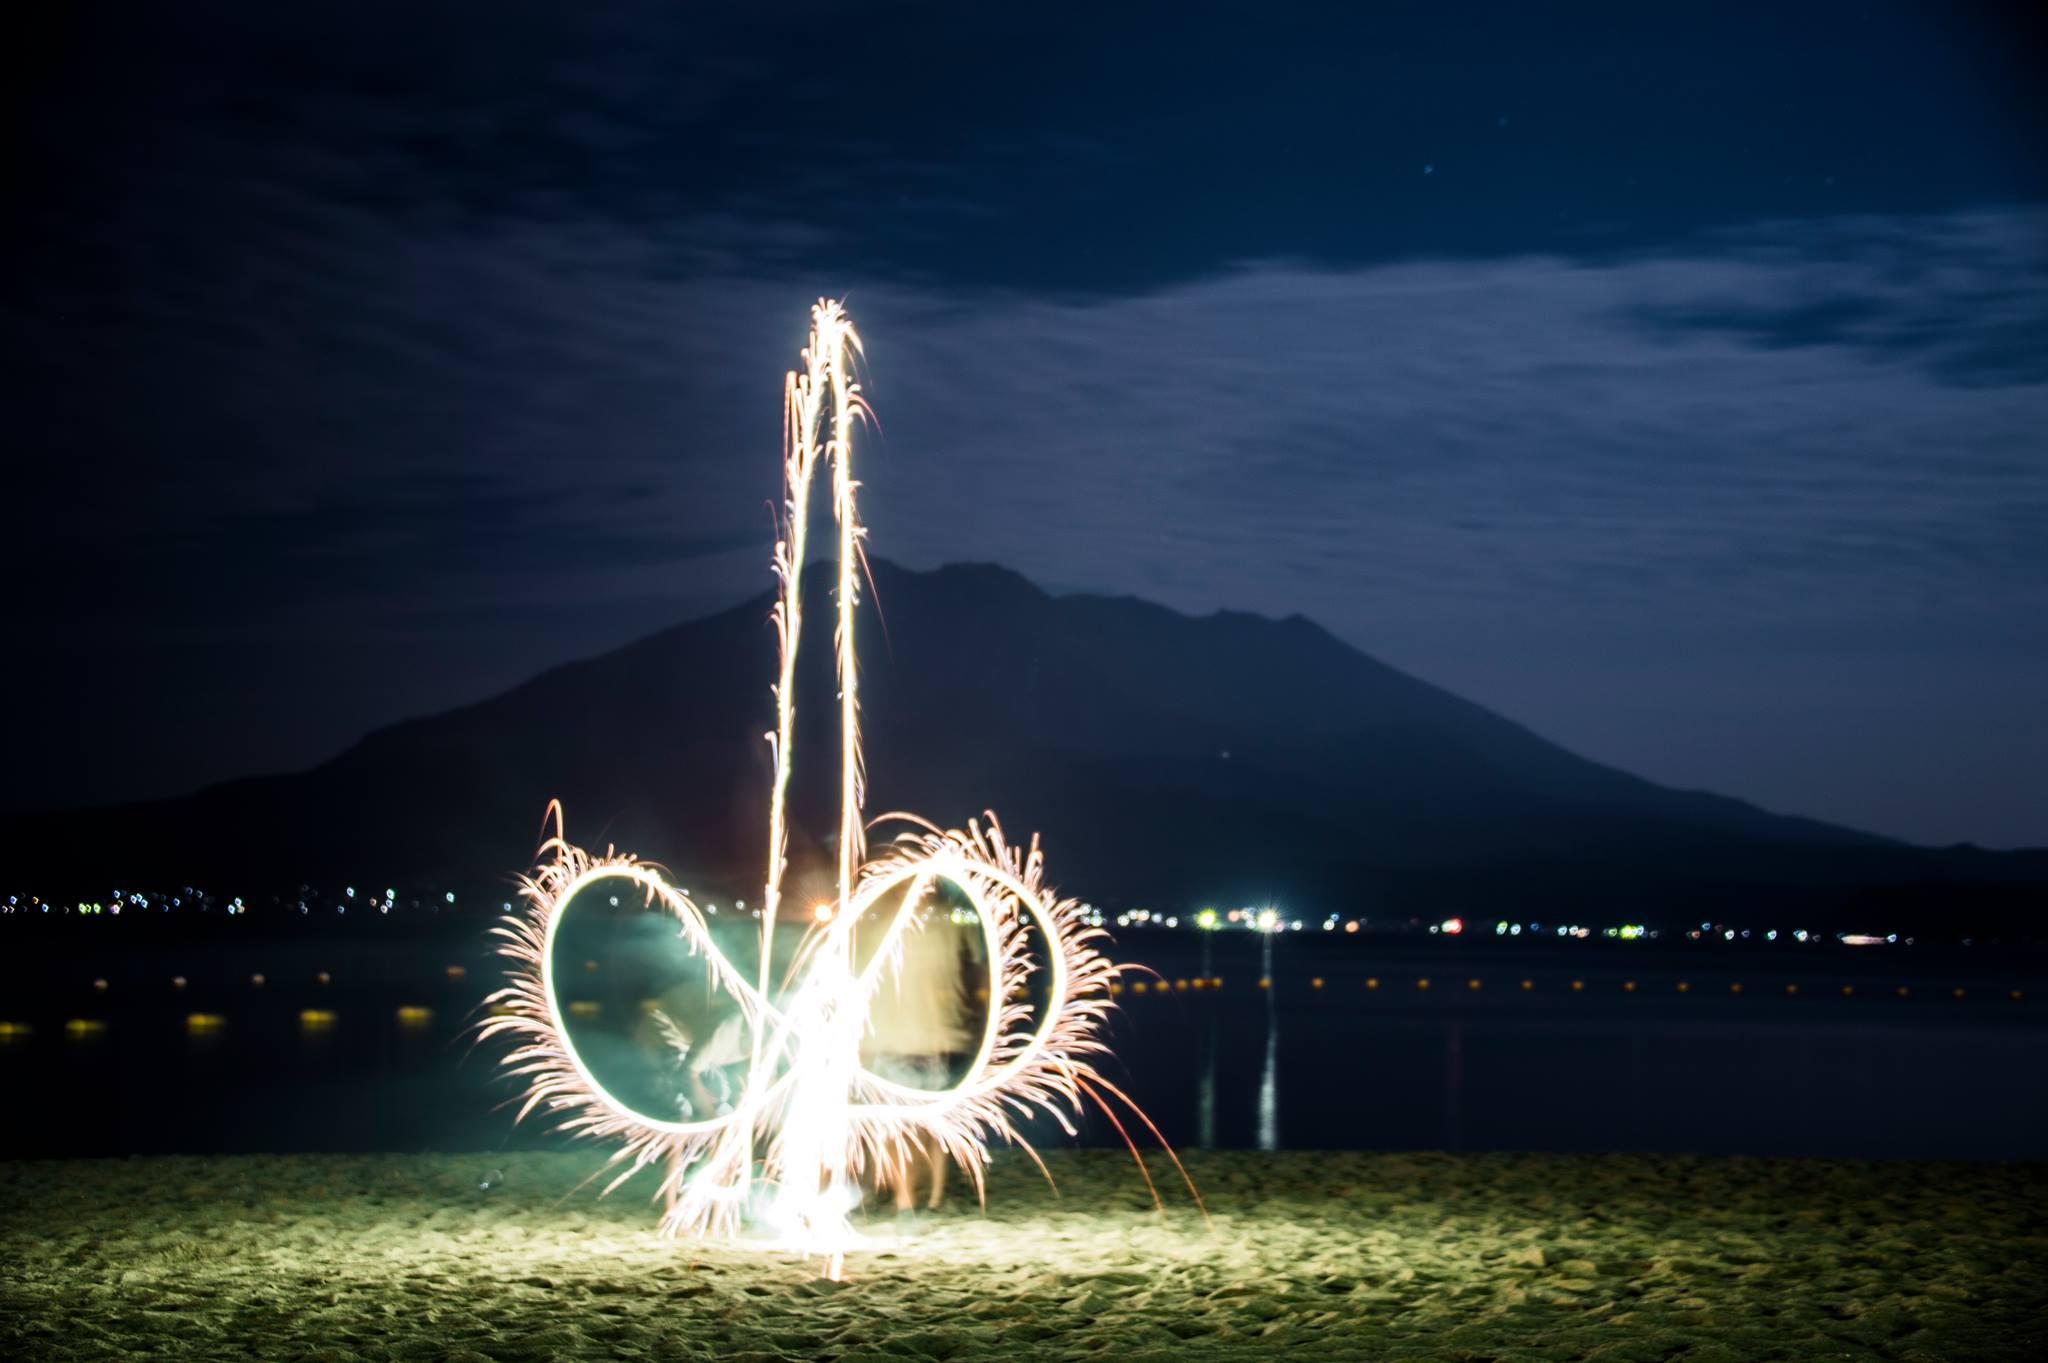 桜島,花火,初夏,彼岸,彼岸花